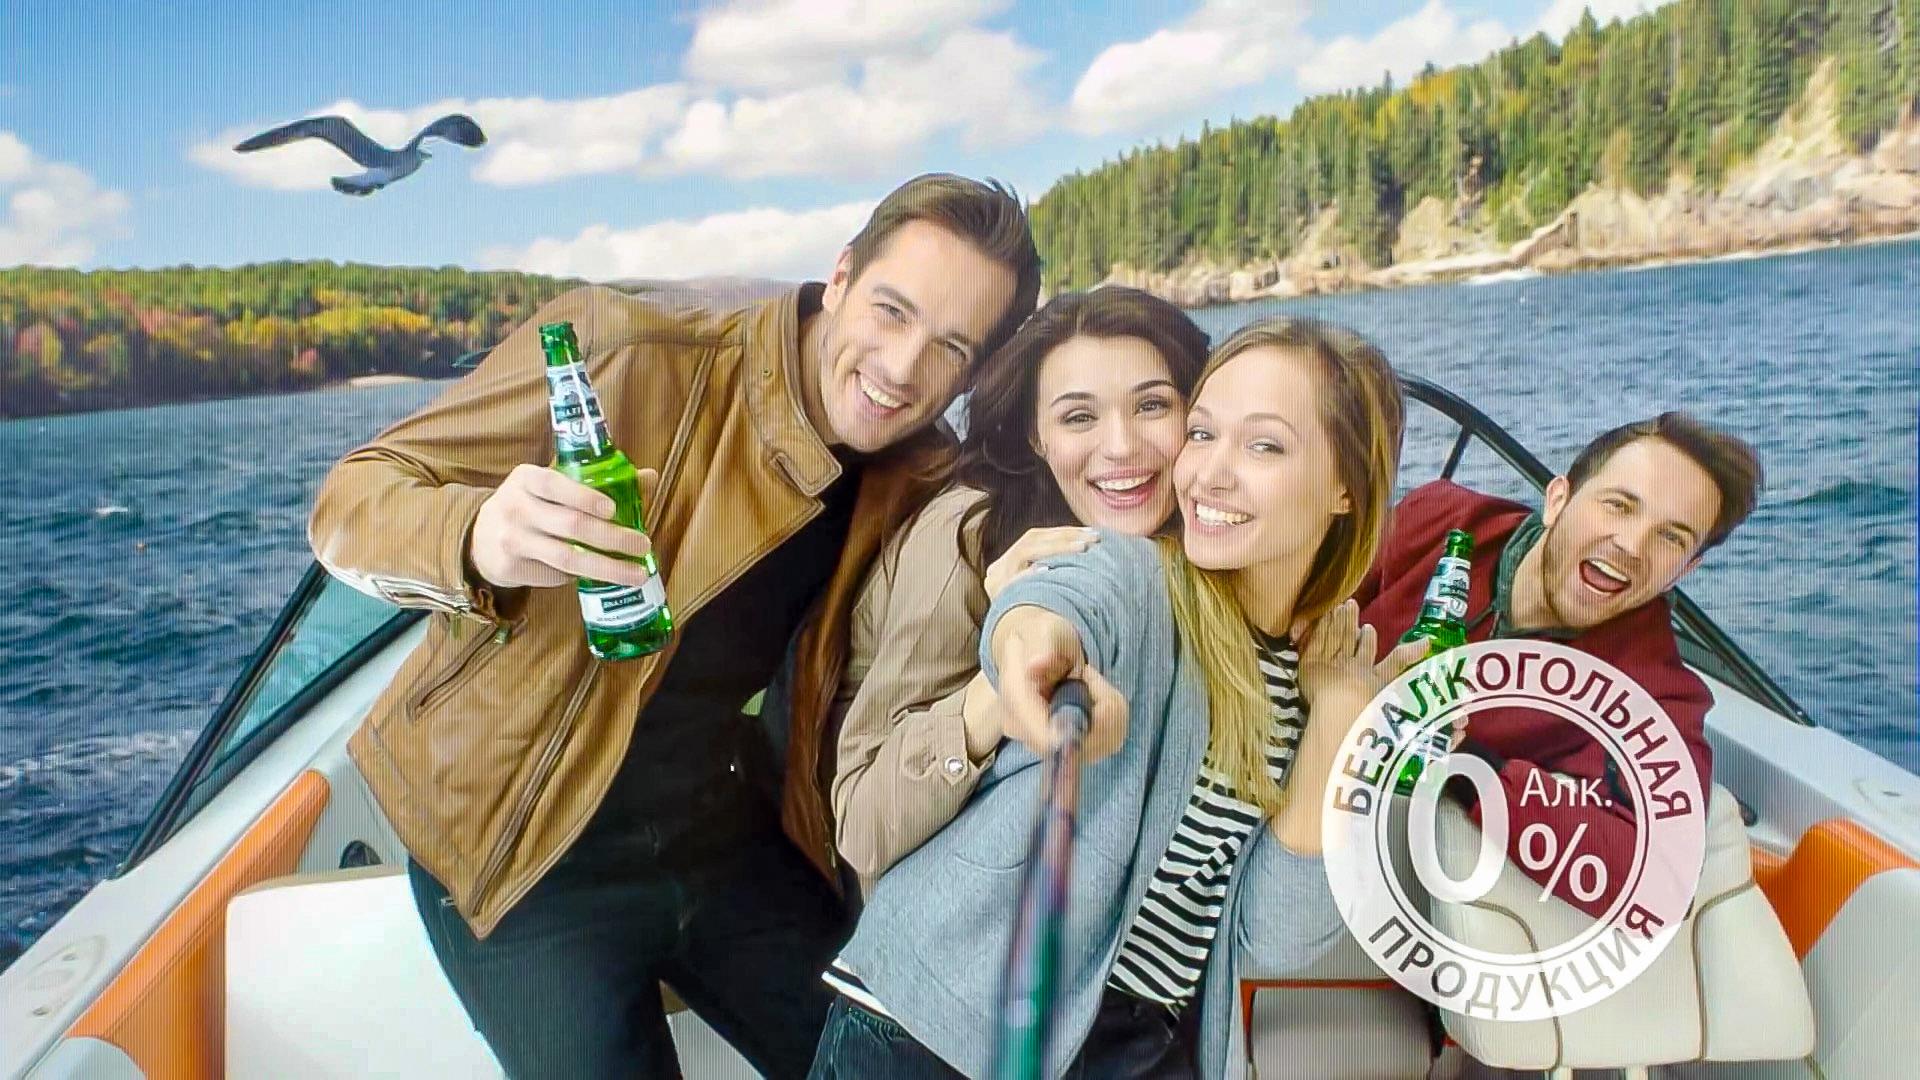 Baltika 7 non-alcoholic cover